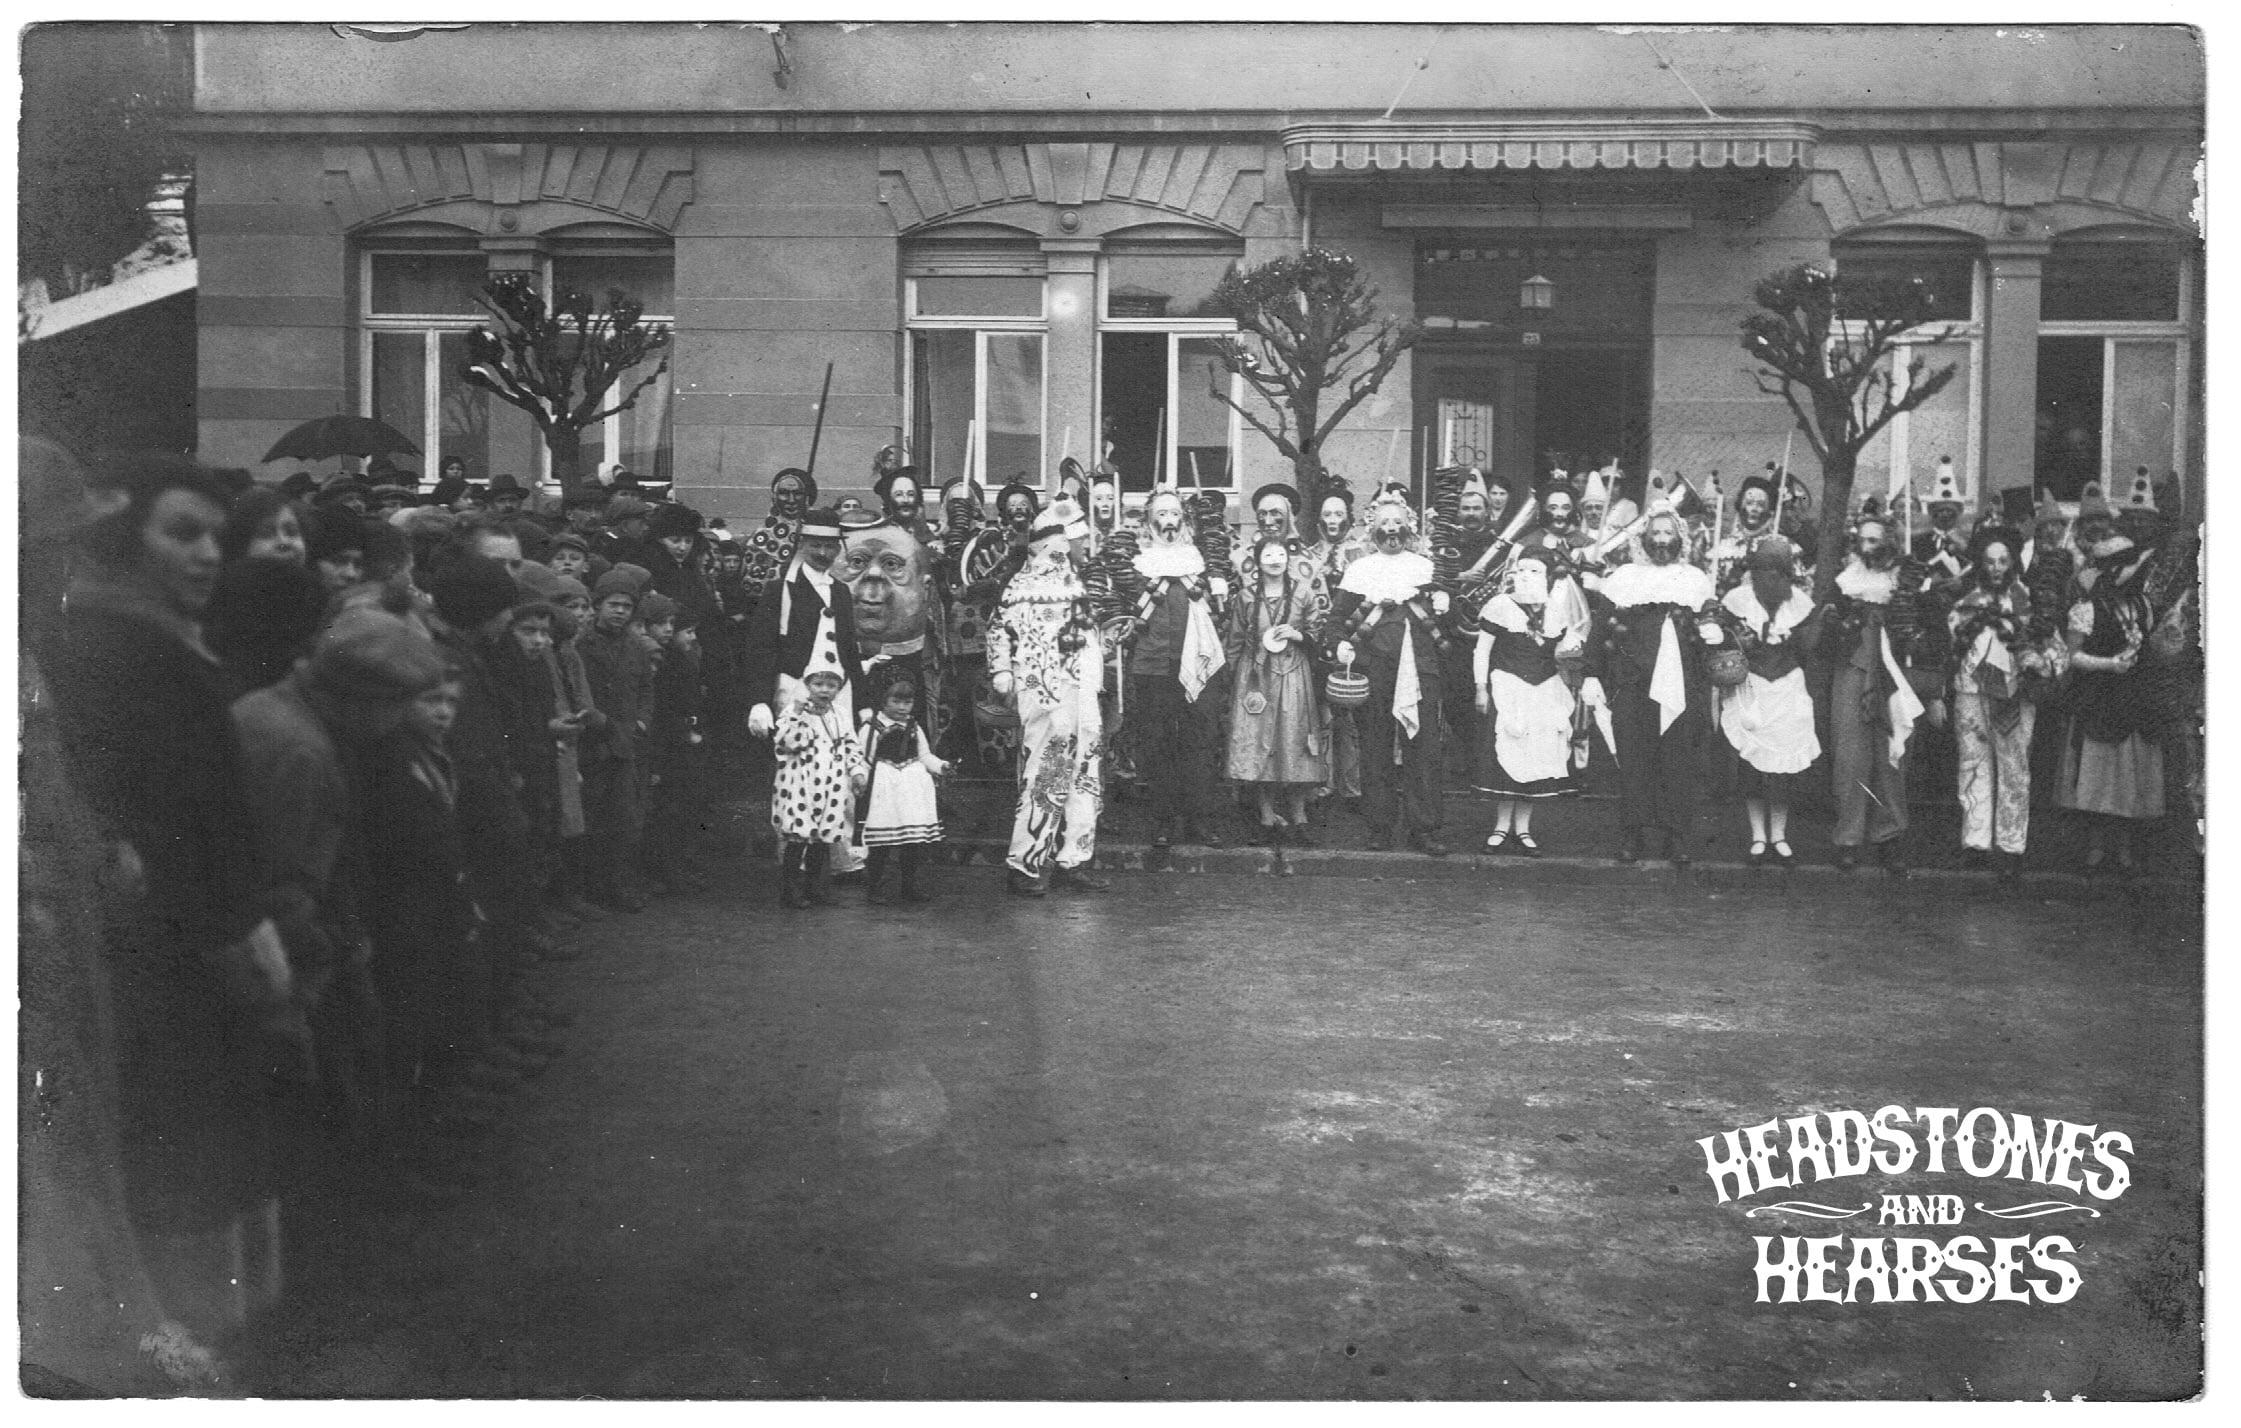 fasching parade 1926